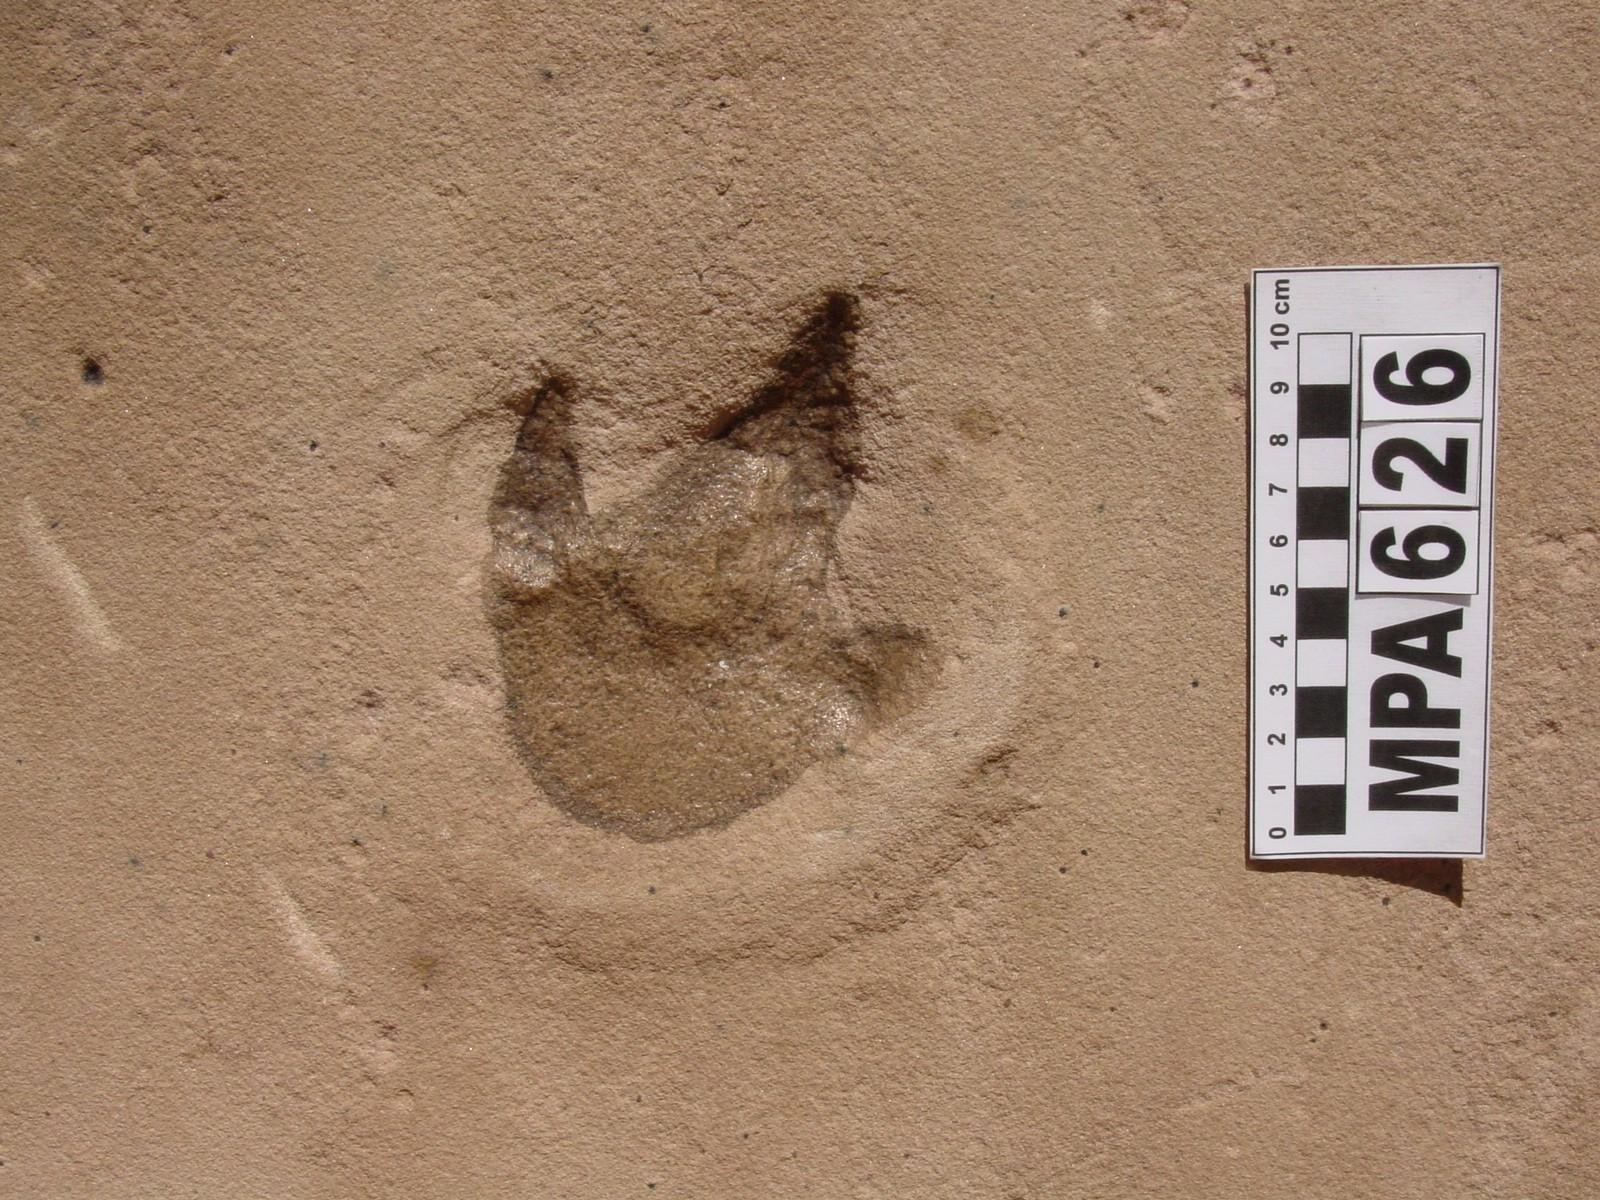 Pegada de dinossauro terópode (Foto: Marcelo Adorna Fernandes/ Arquivo pessoal)